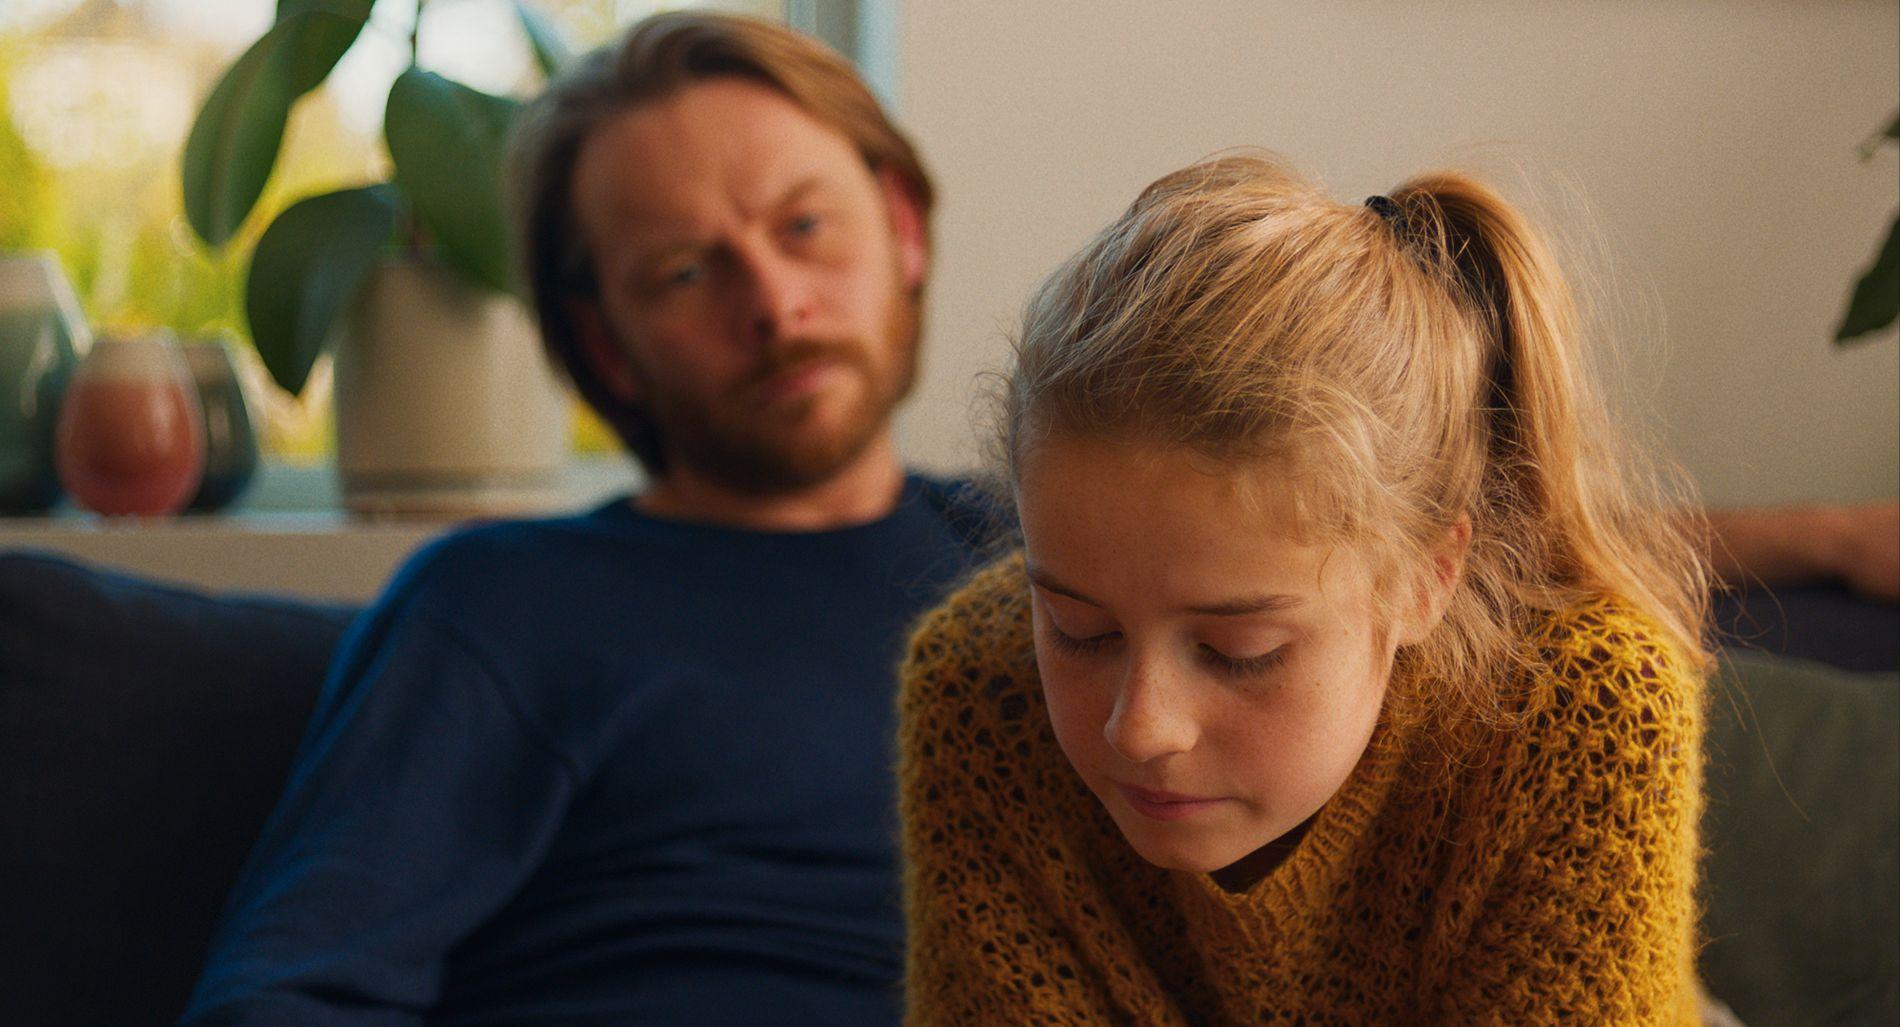 TROR PÅ DIALOG: Jan Gunnar Røise og Ella Øverbye i Dag Johan Haugeruds «Barn».